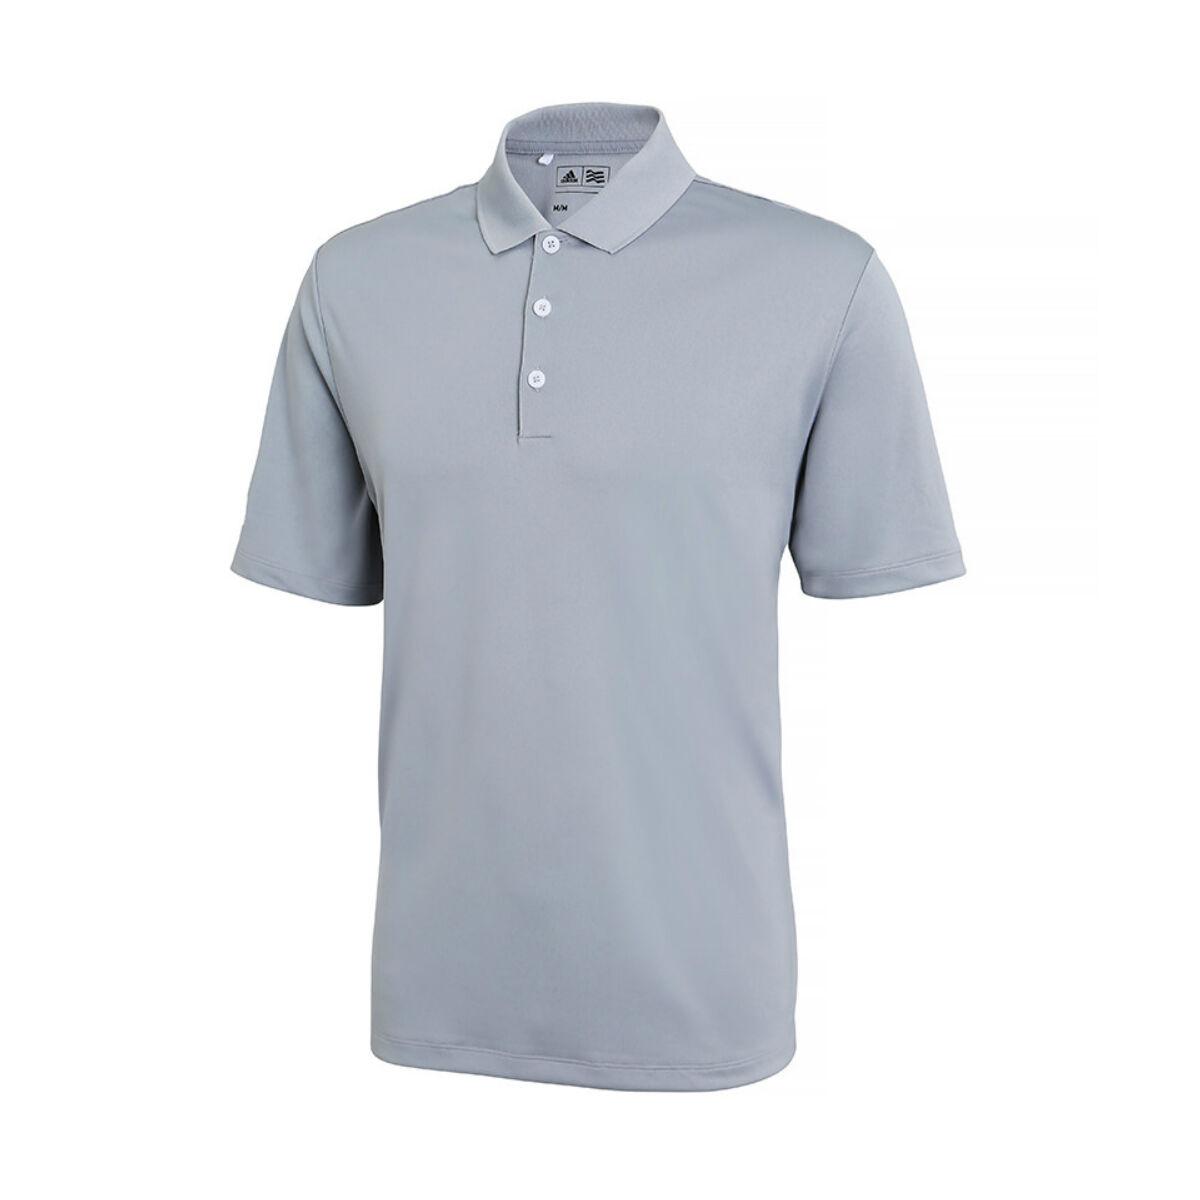 Adidas Golf Polo Men's (Mid Grey)